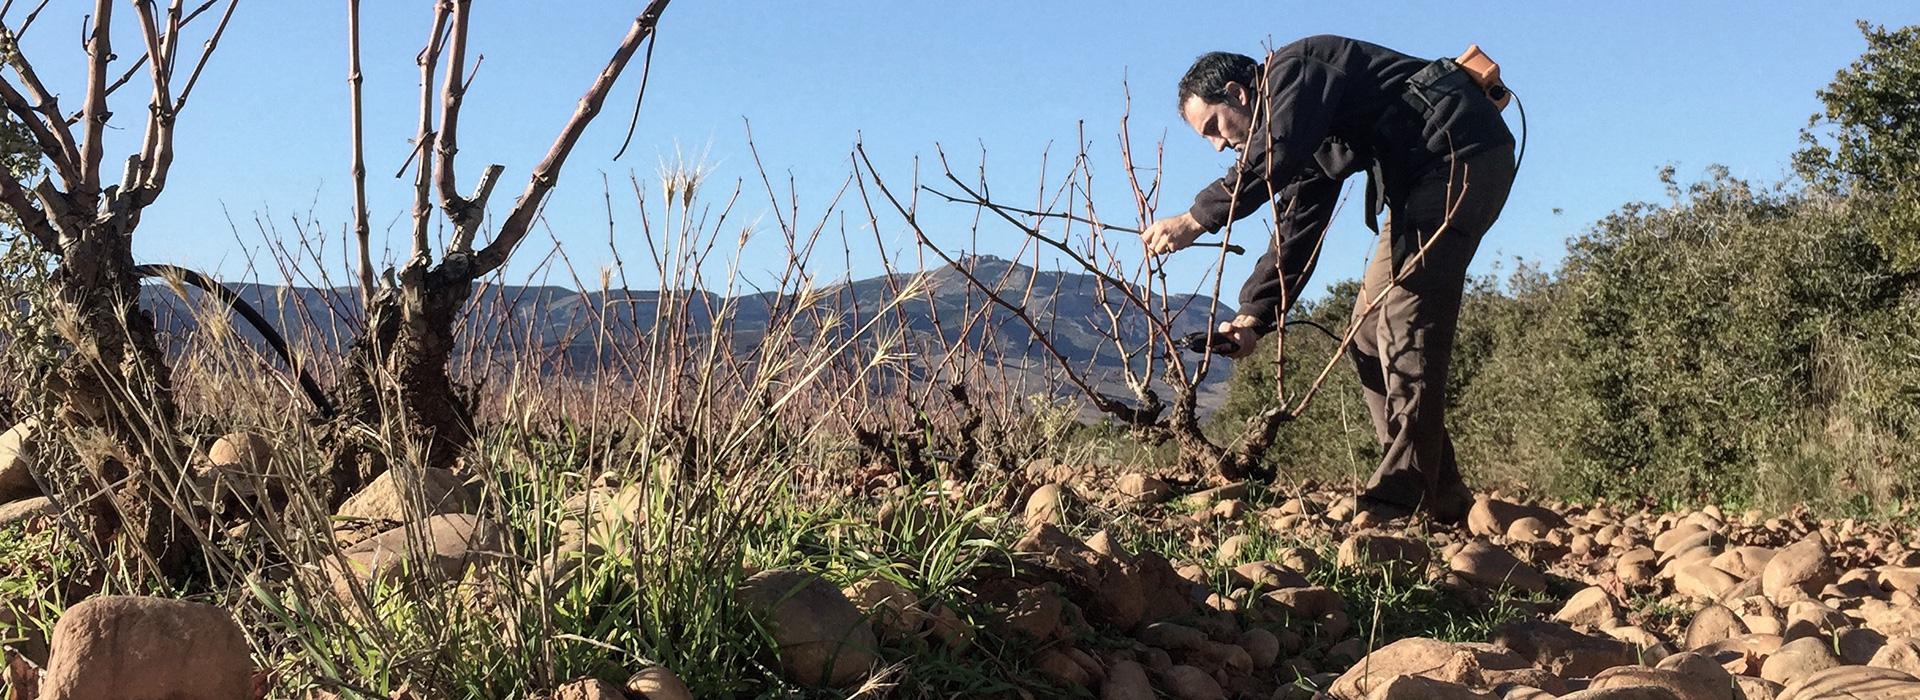 Javier Arizcuren Trabajando su Viñedo